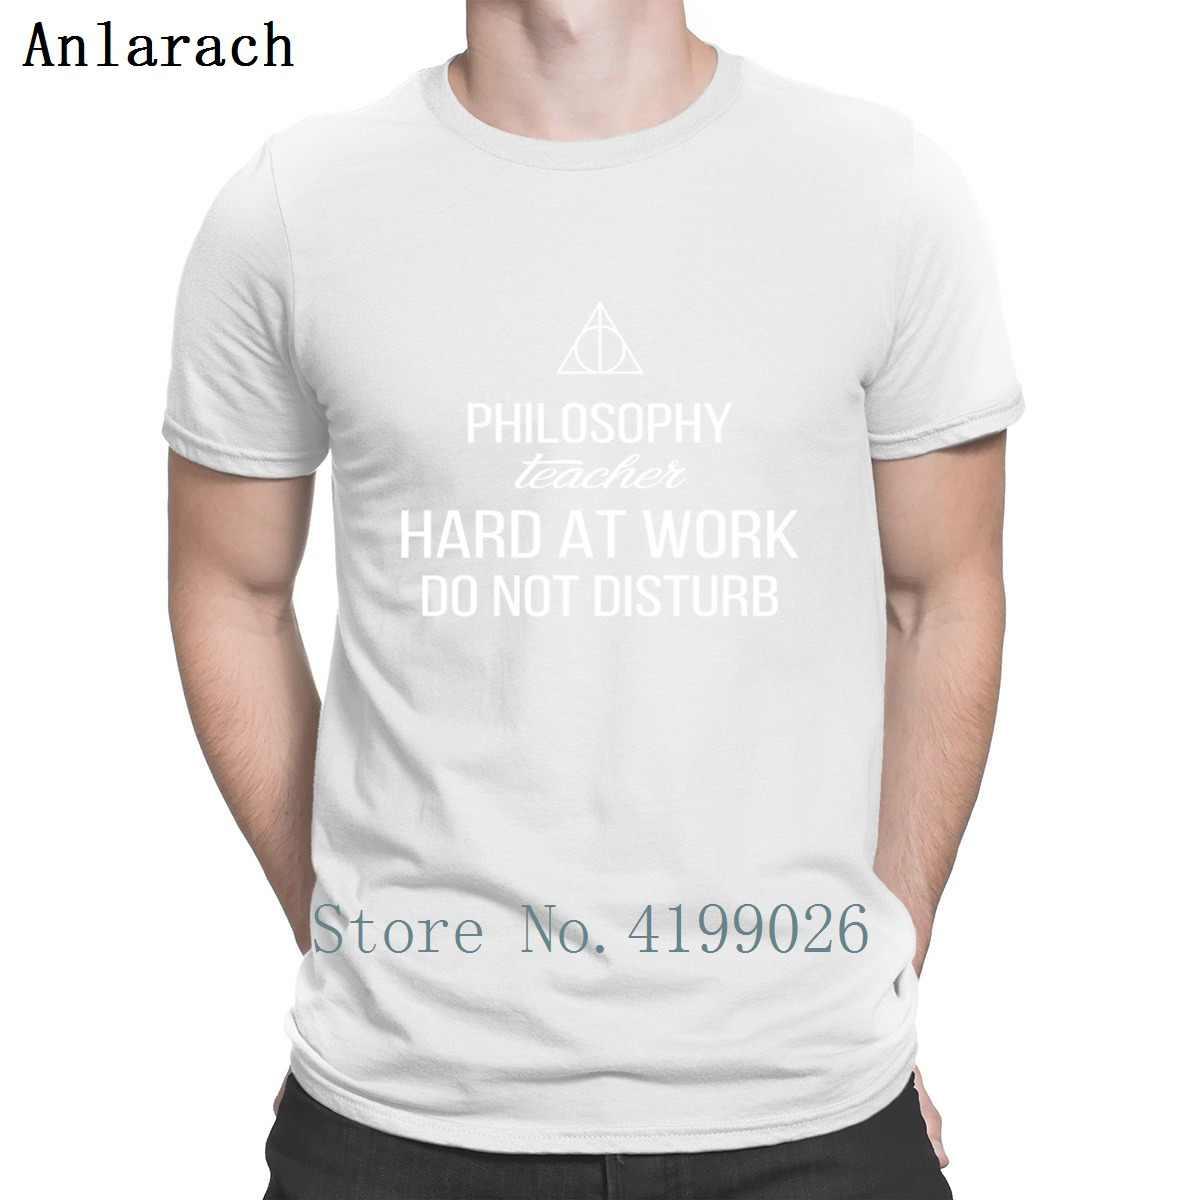 Пособия по философии учитель жесткий на работе футболка Встроенная Сумасшедший Для мужчин топы Для мужчин s футболки конструкции хлопок простой Лето 2019